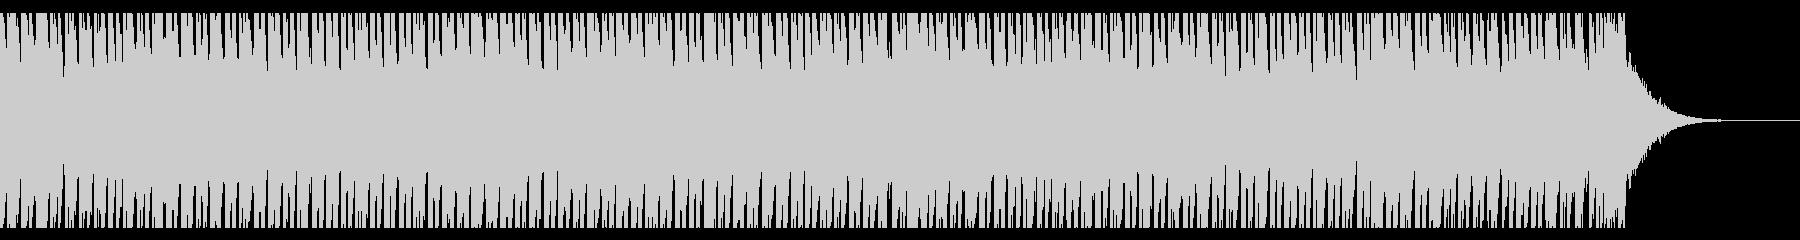 ハッピーサニーデイズ(60秒)の未再生の波形